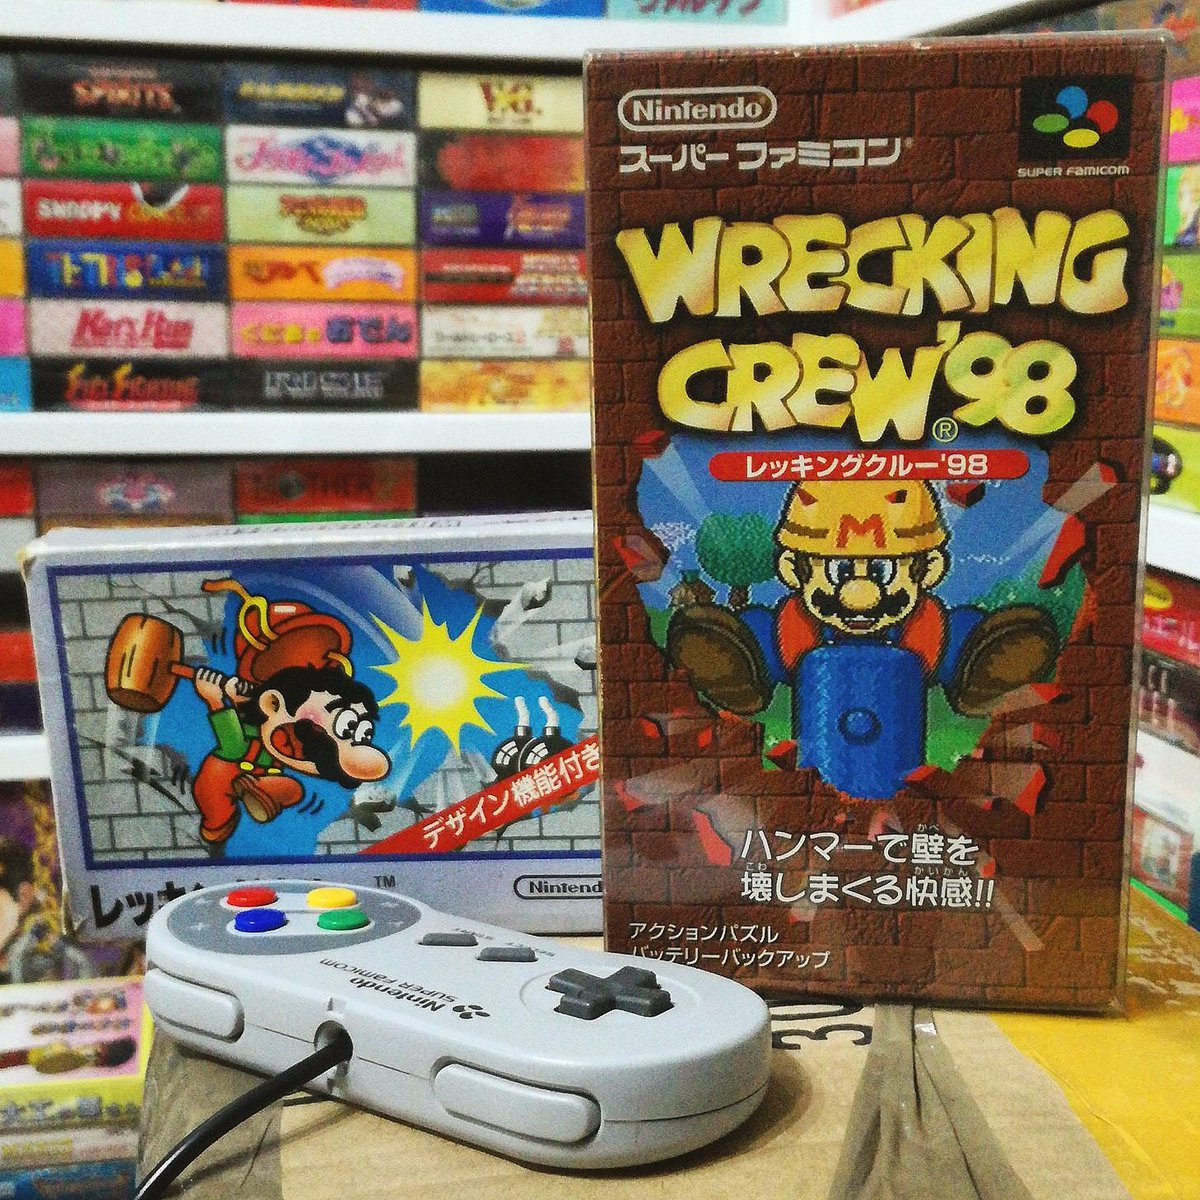 wrecking crew 98 english rom